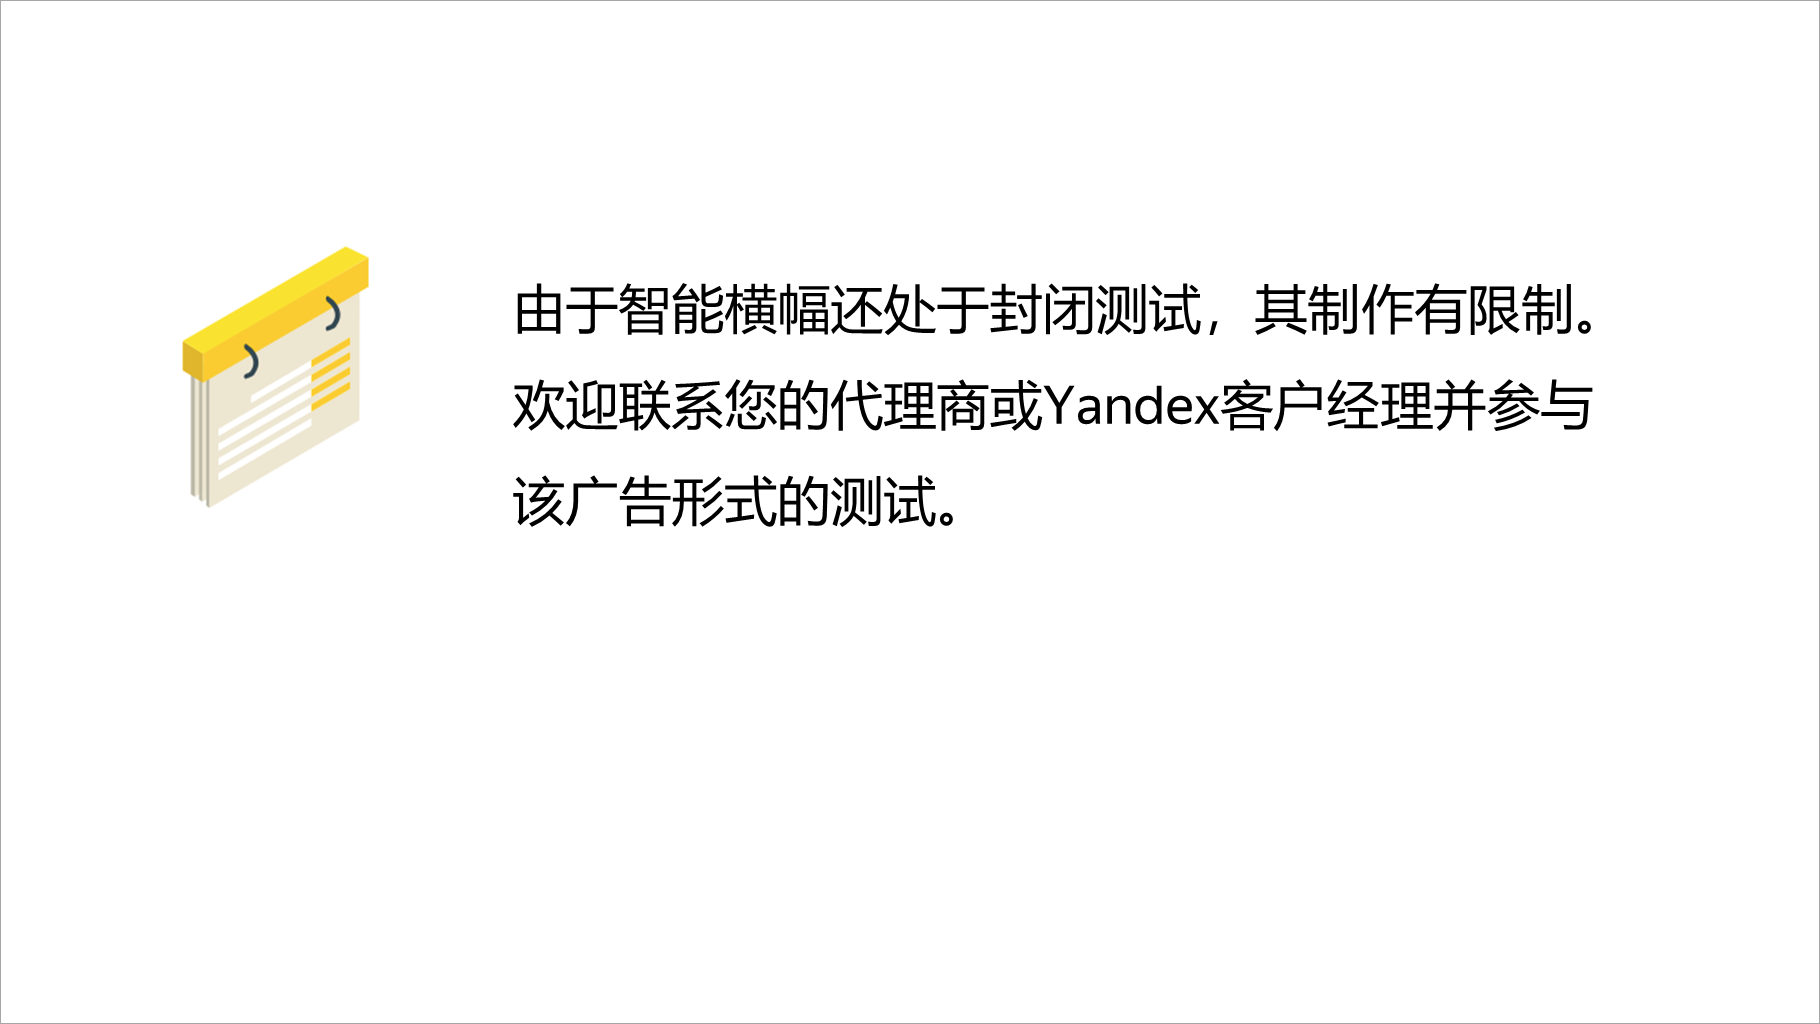 欢迎联系您的代理商或Yandex客户经理并参与 该广告形式的测试